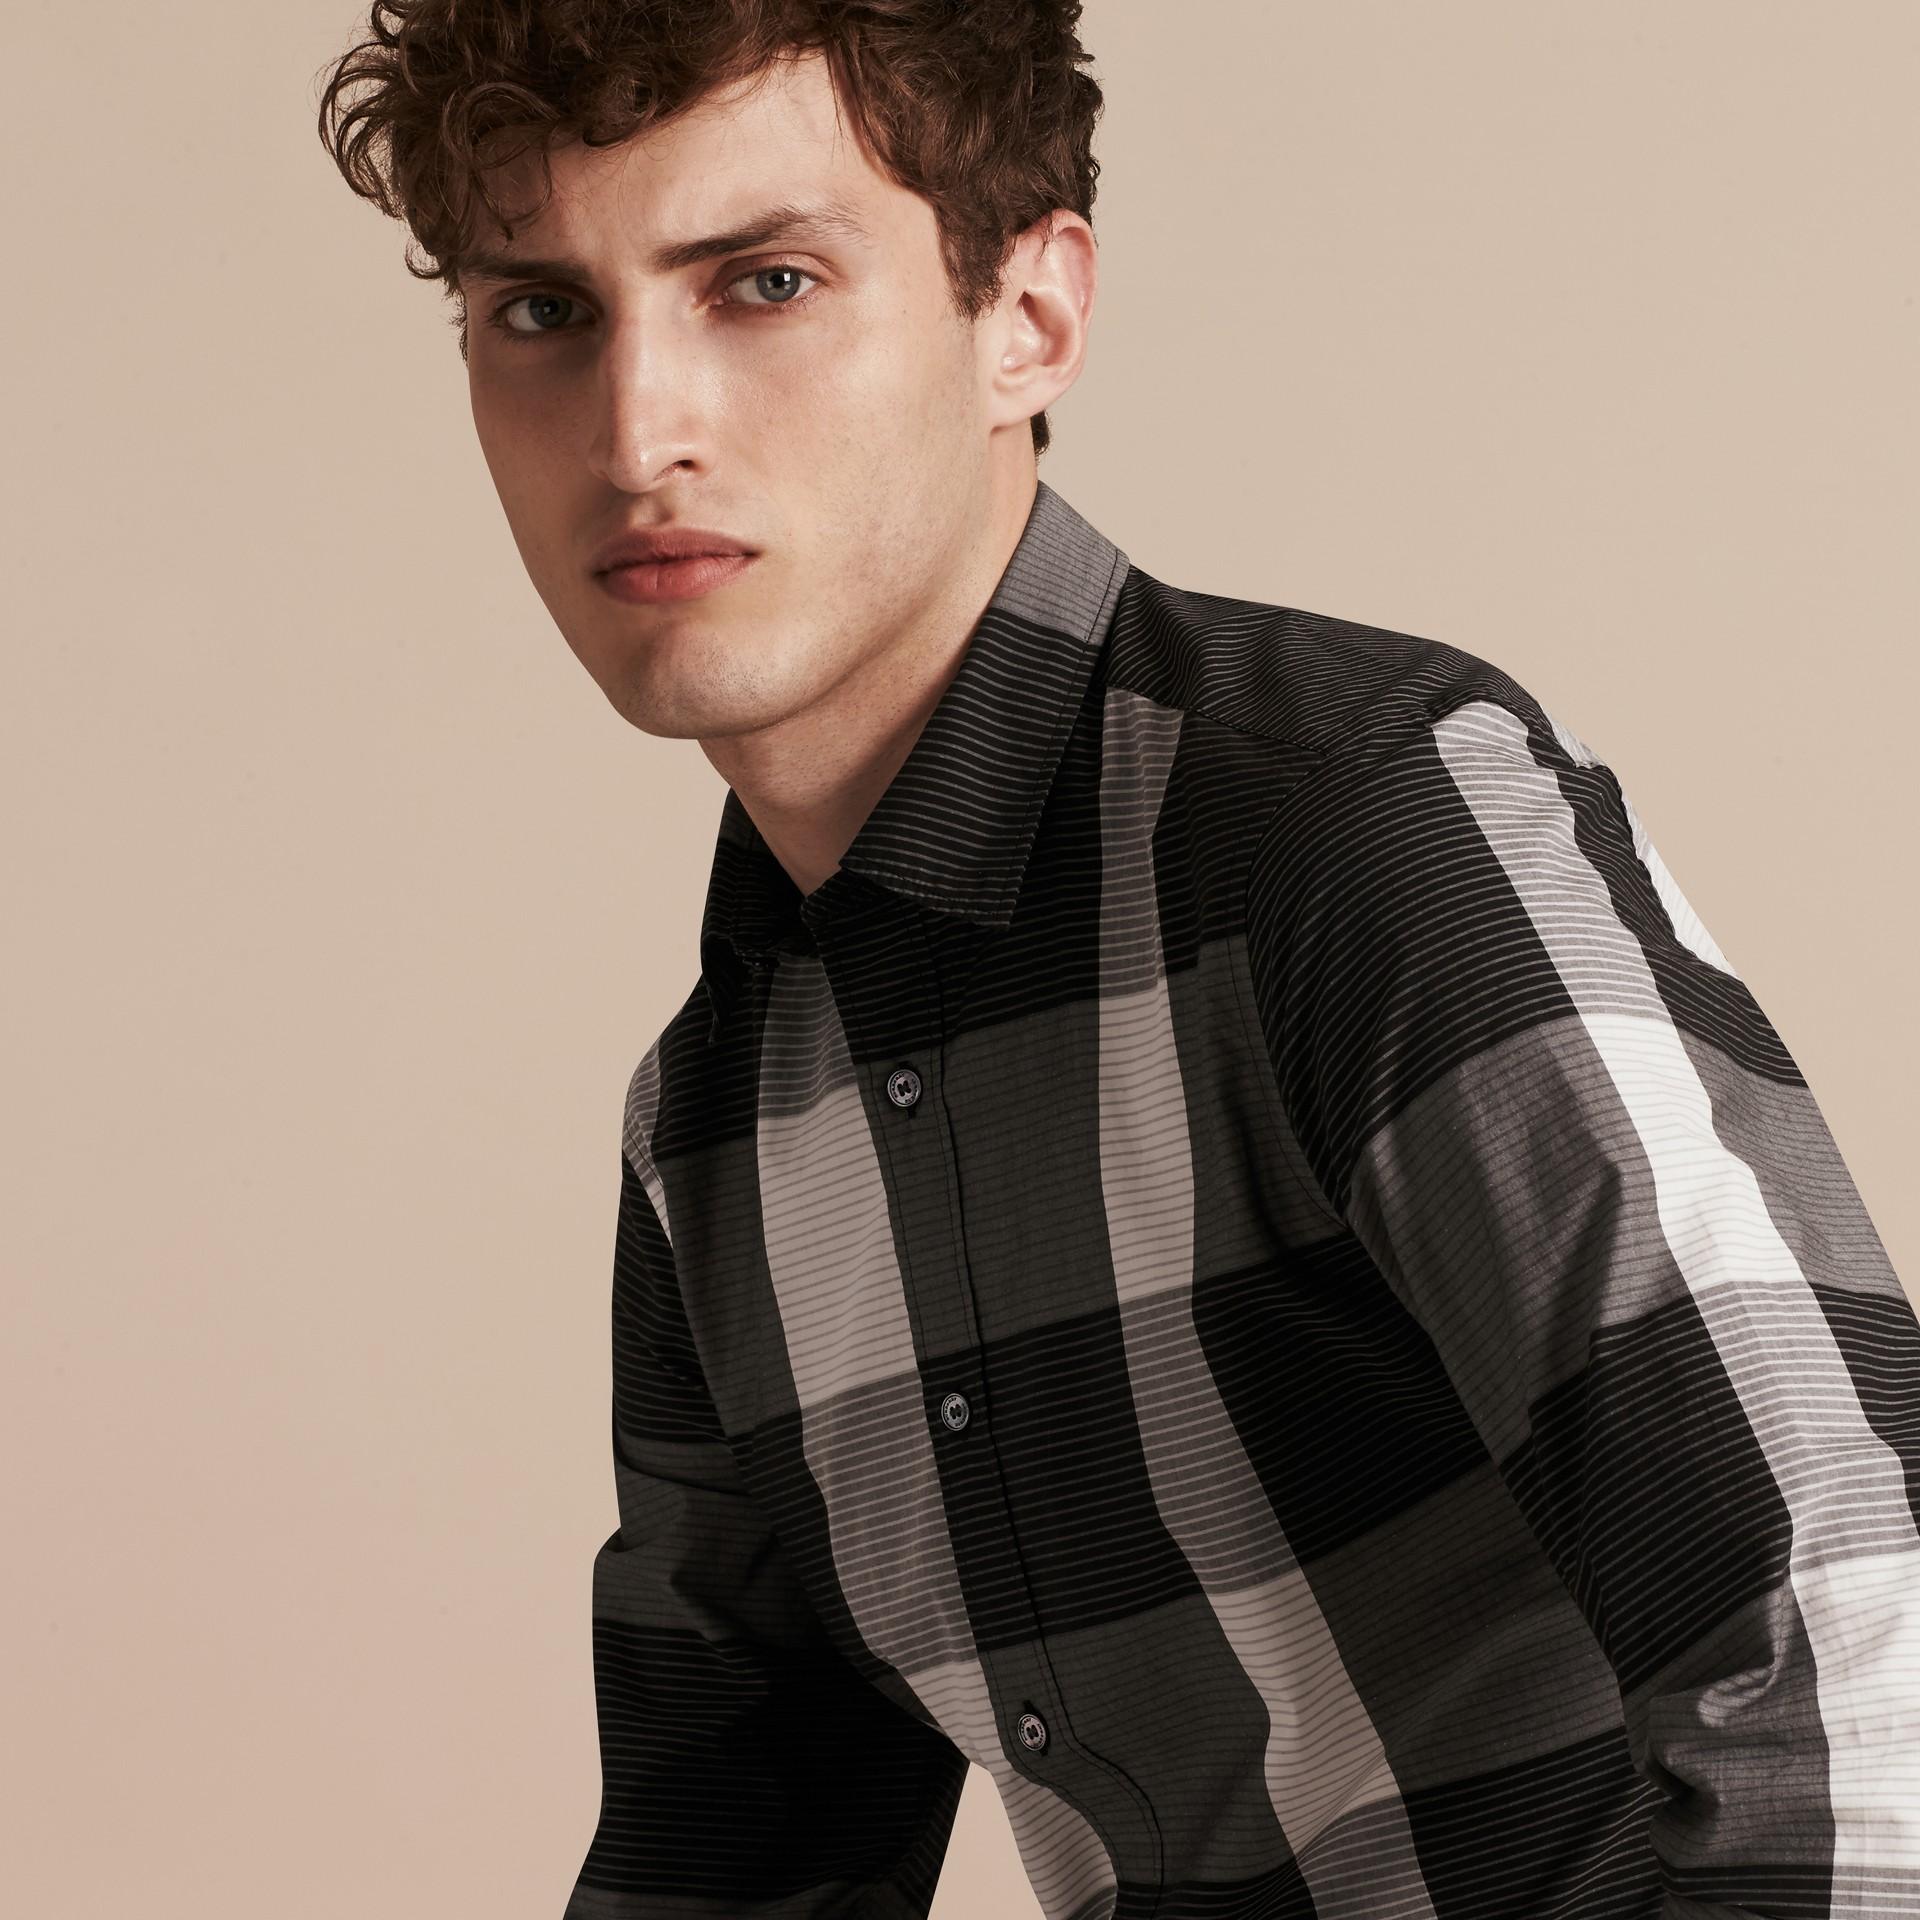 Schwarz Baumwollhemd mit grafischem Check-Muster Schwarz - Galerie-Bild 5